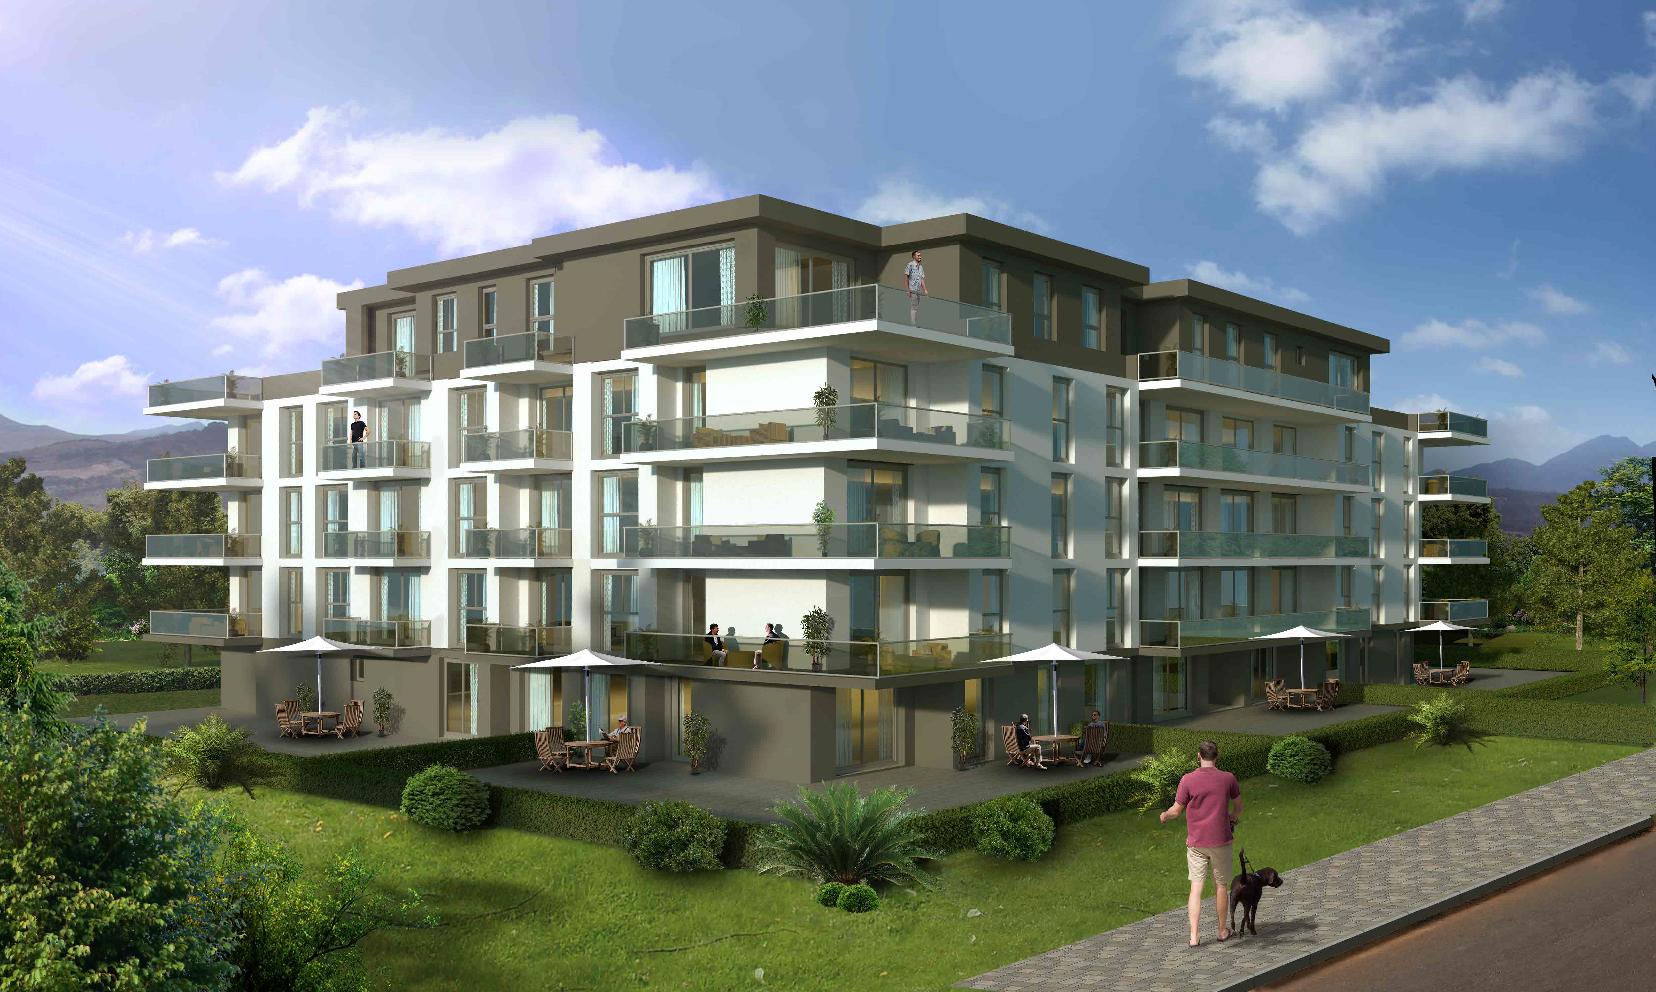 Appartement de 2.5 pces au 1er étage dans une nouvelle promotion proche du centre-ville